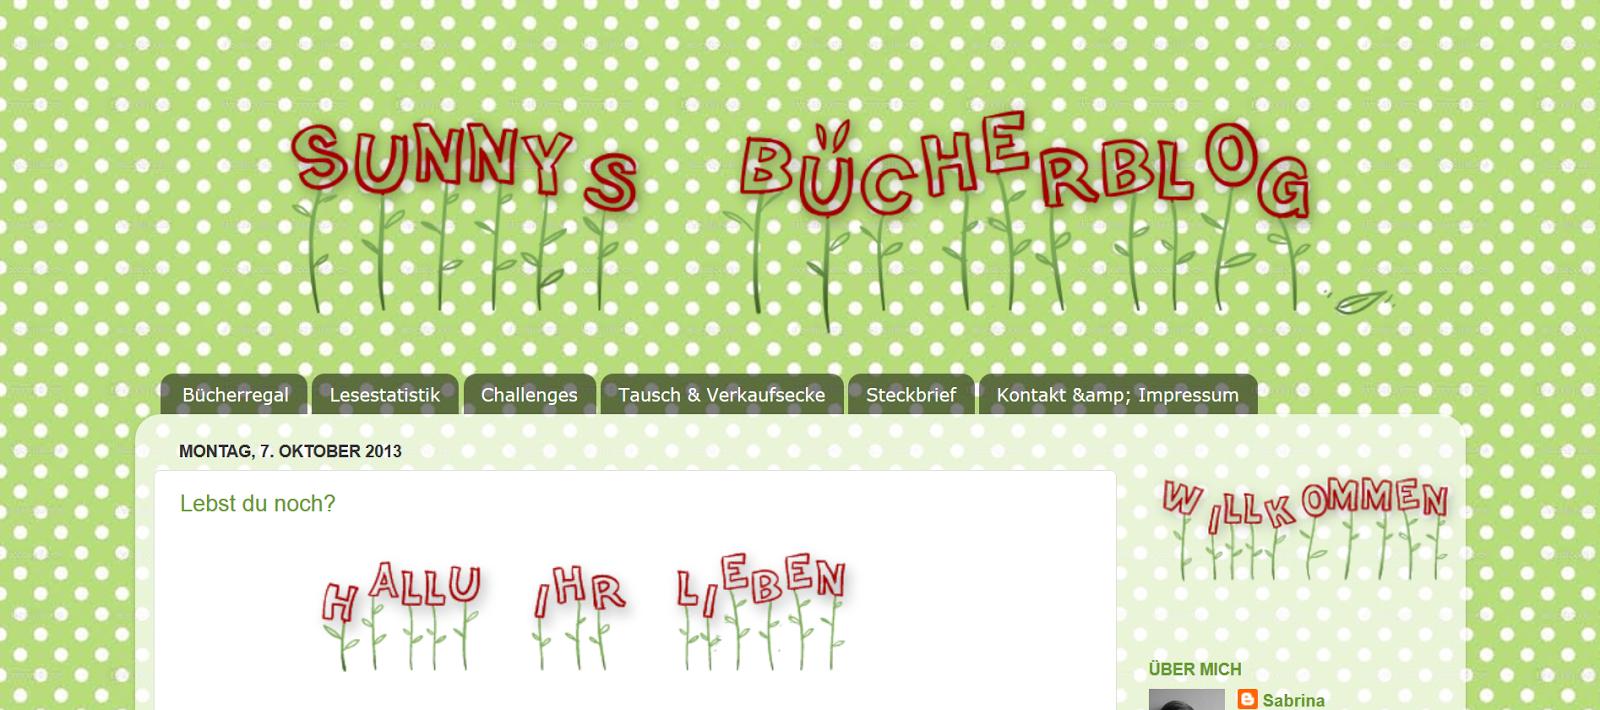 http://sunnysbuecherblog.blogspot.de/